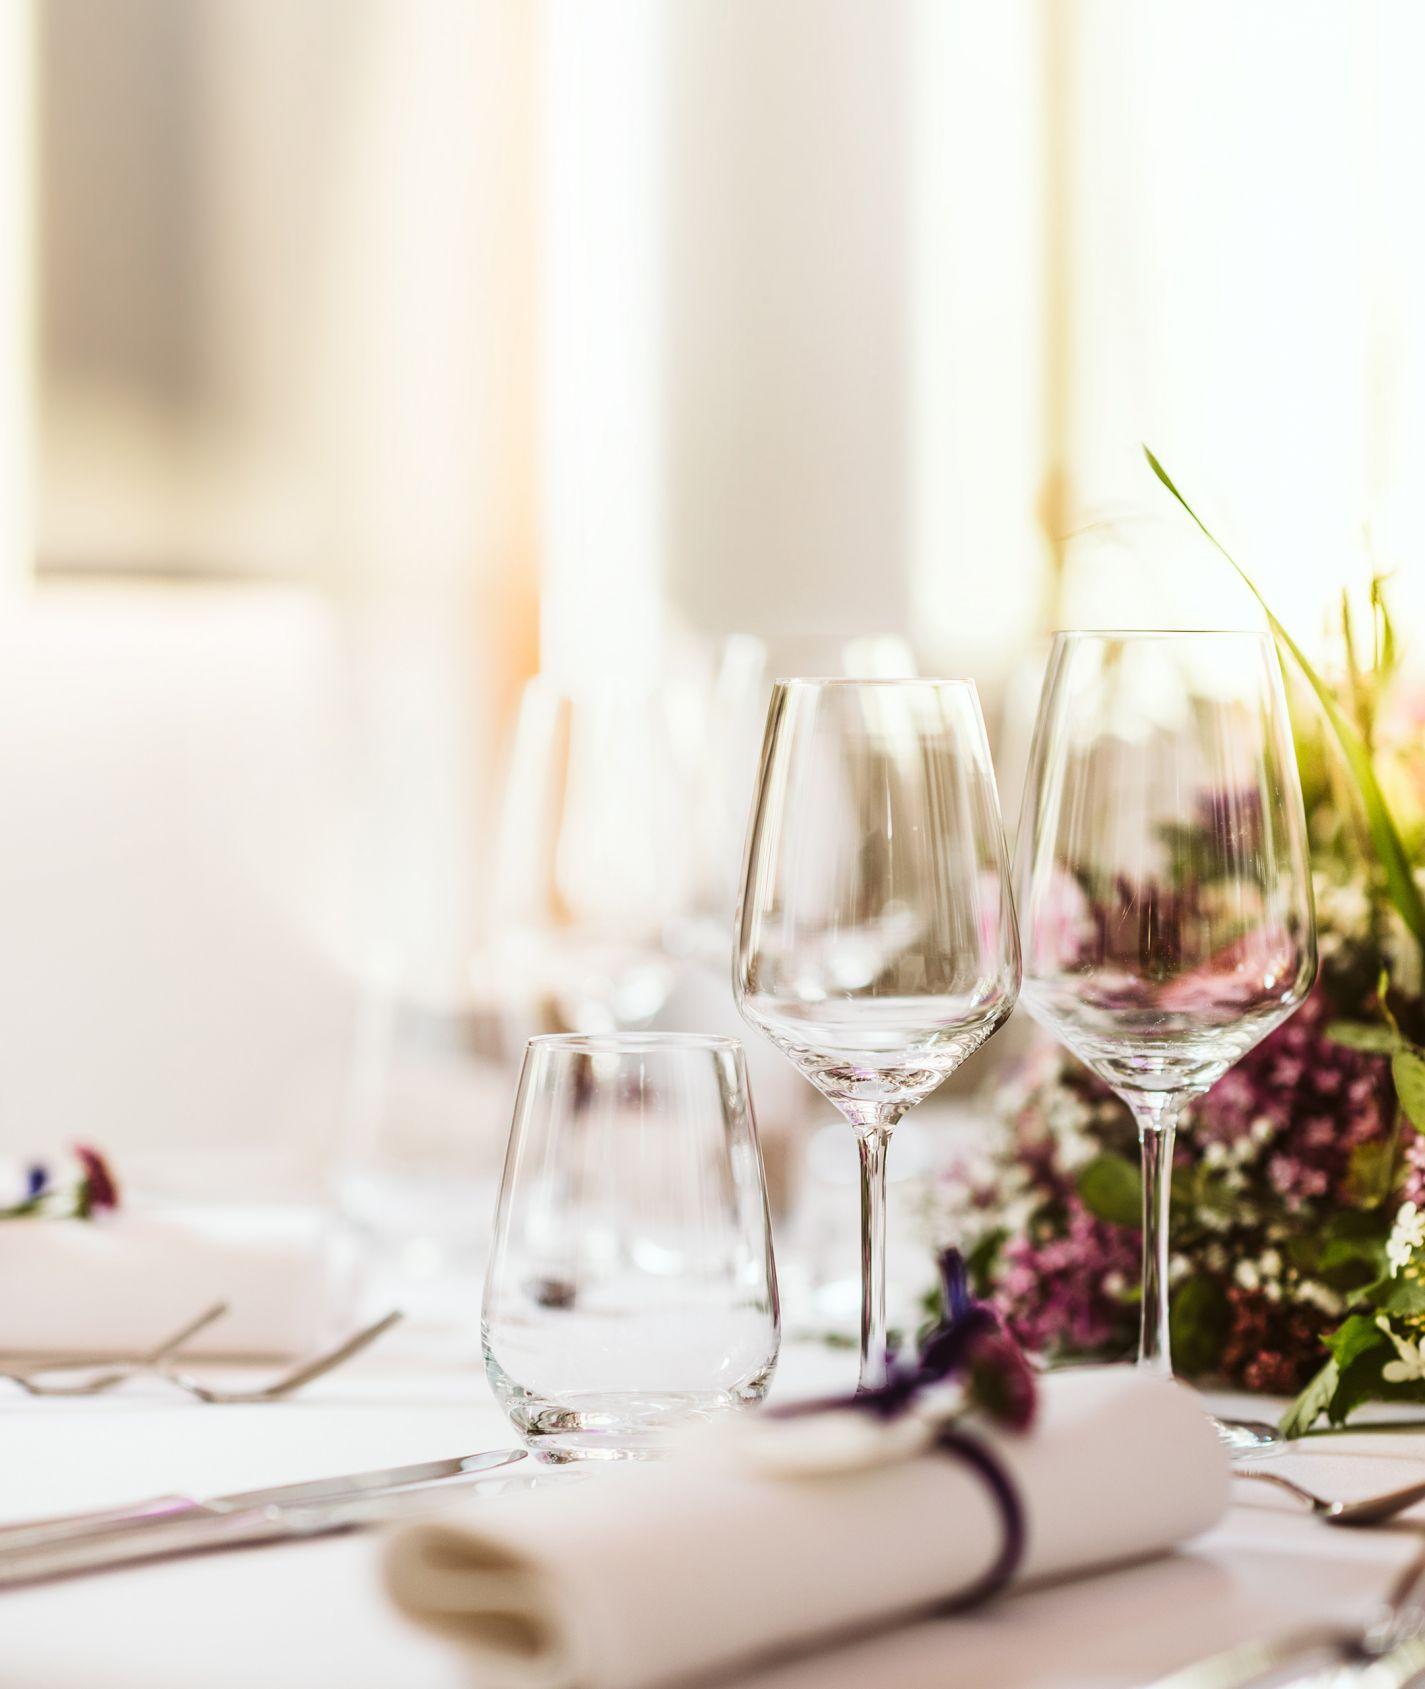 Tisch mit weißer Decke mit Wasserglas und Weinglas